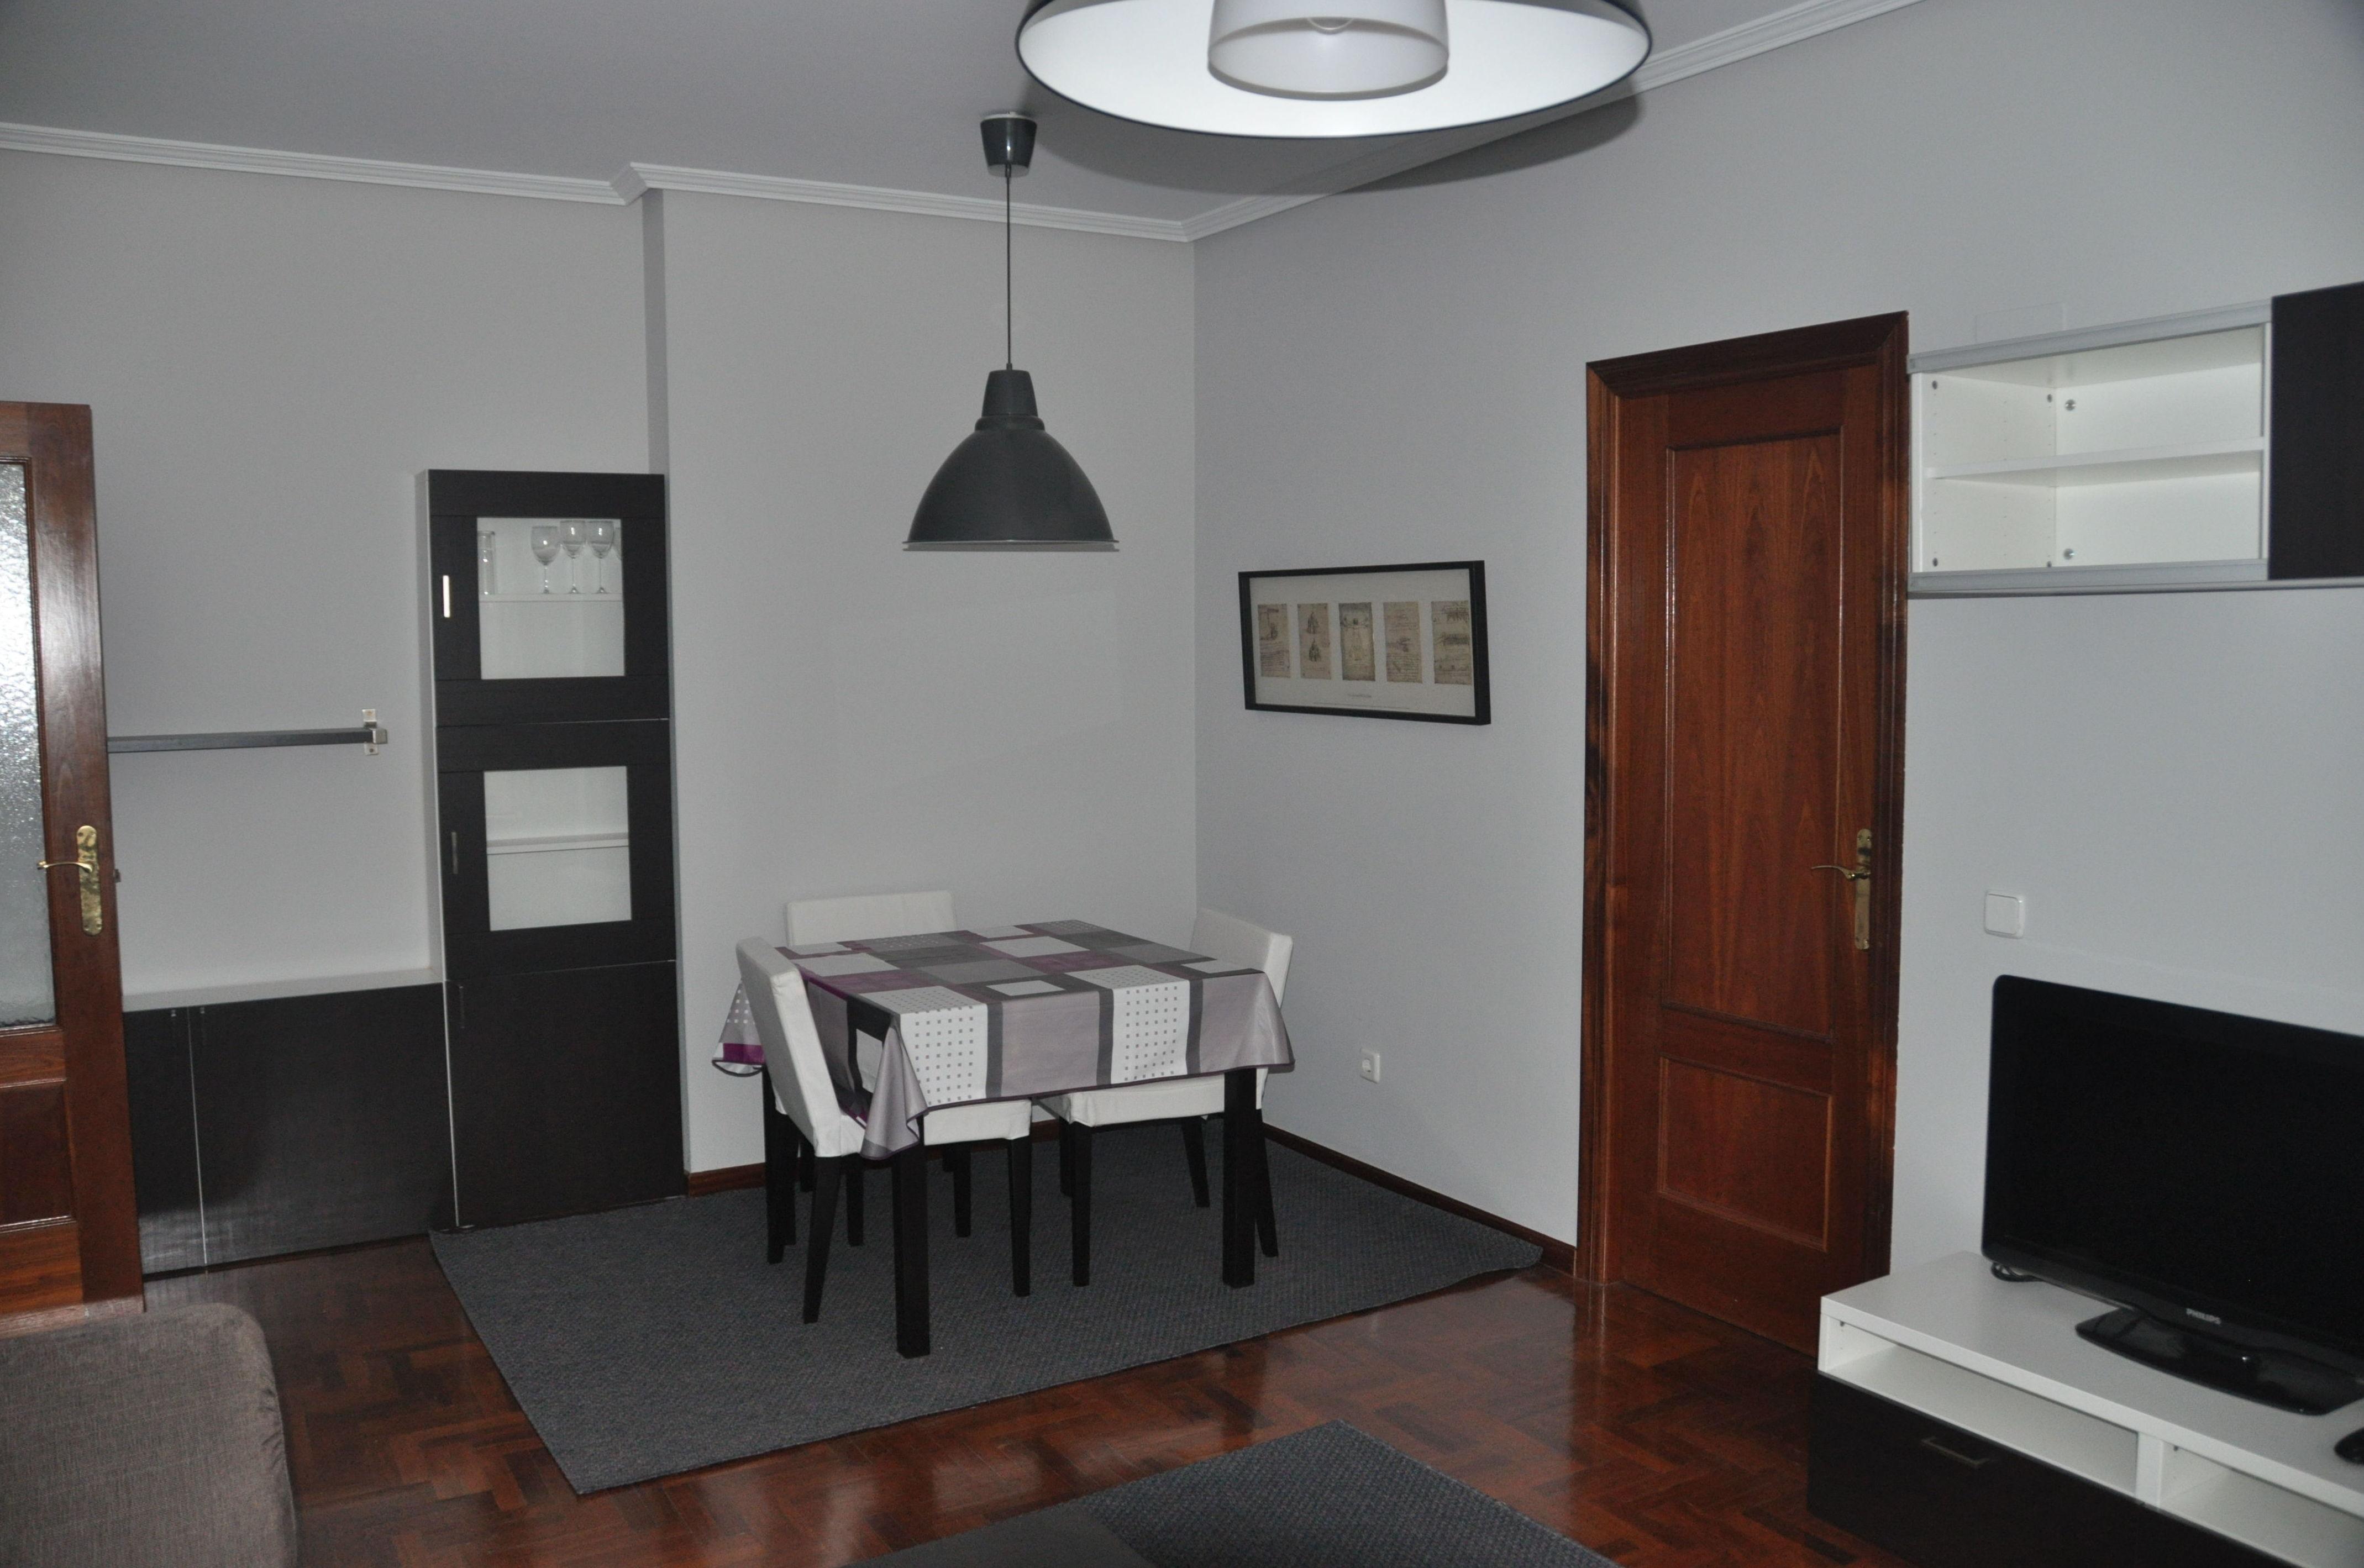 Foto 16 de Obras y reformas en Oviedo | Baljoviedo